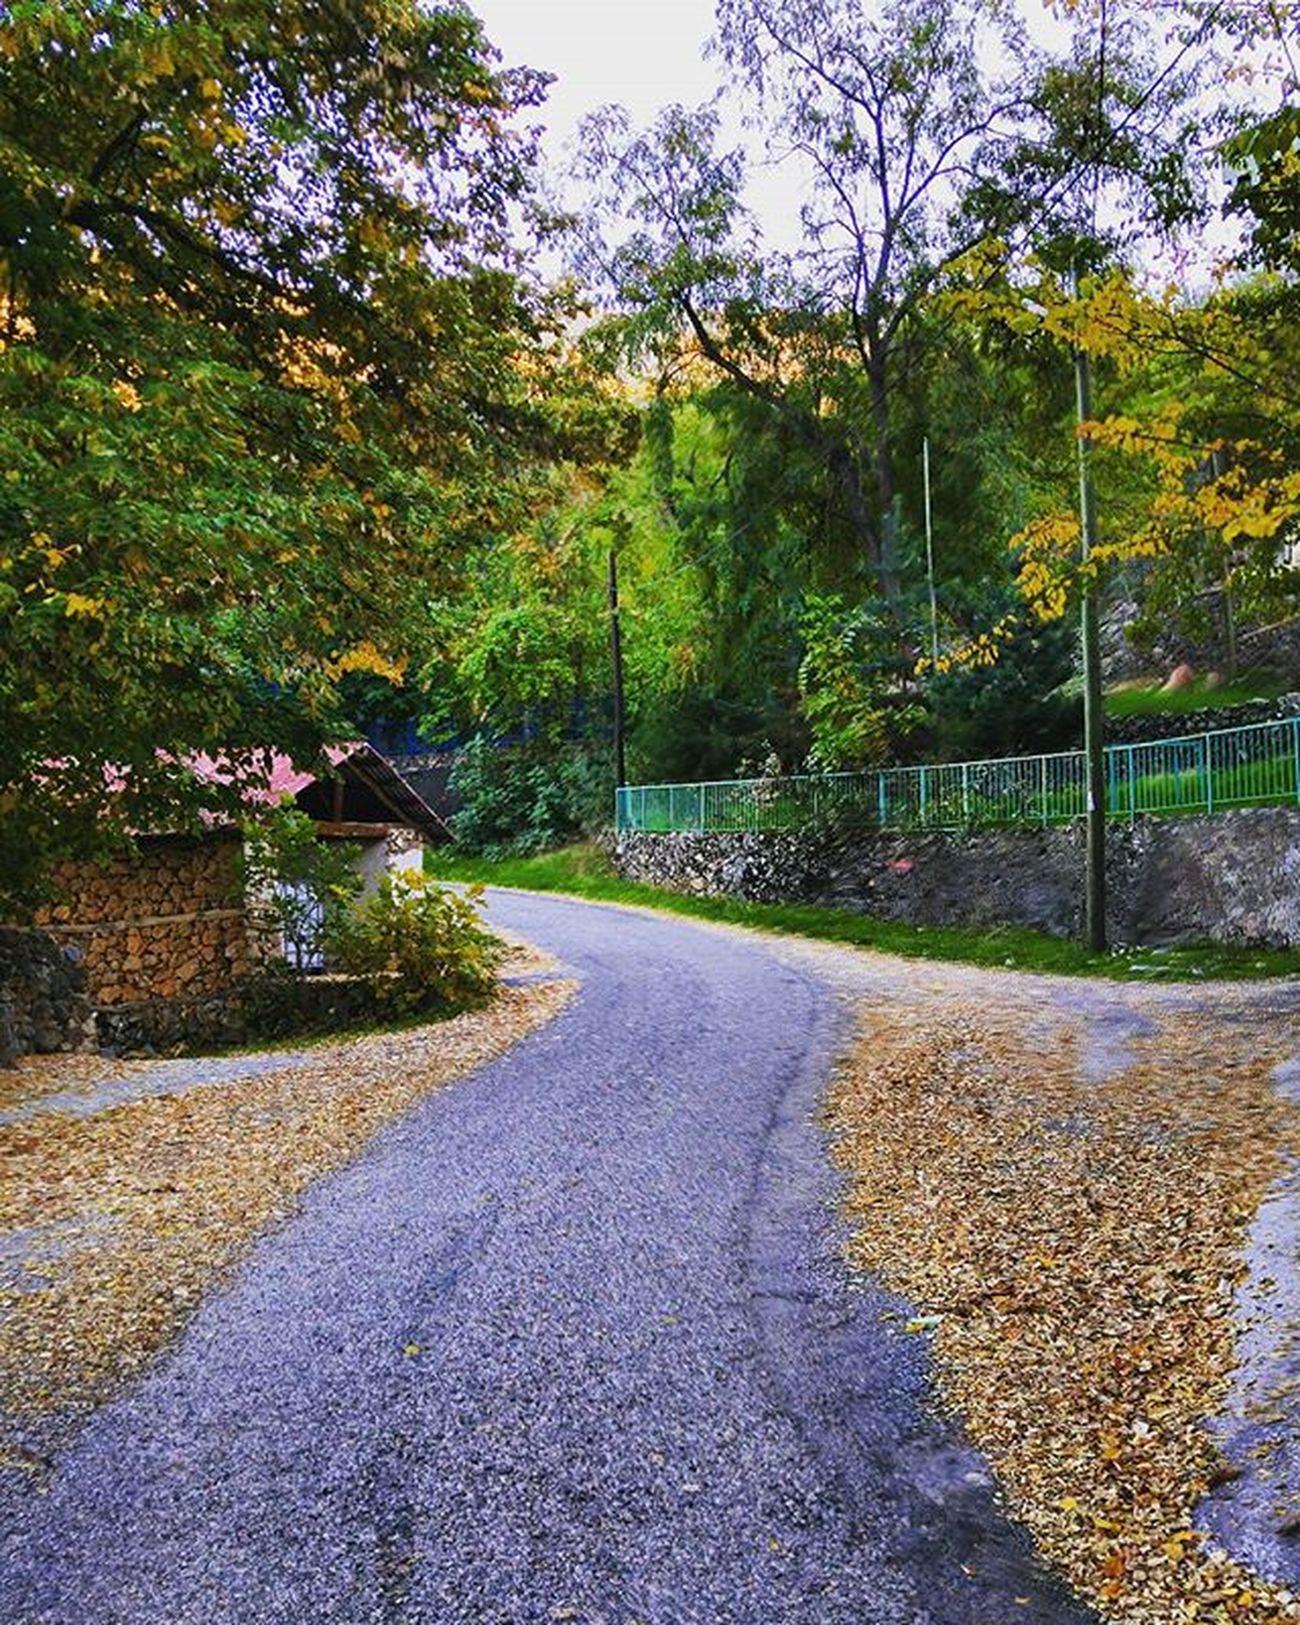 Bu yol nereye gider...Yol bir yere gitmez...Giden sehrin beton yiginlarinda ömrümüz...Erzincan Kemaliye Travel Doğa Traveller Village Köy Sonbahar Güz Gezgin Eğin Seyahat Nature Memleket Yol Autumn Seyyah Yellow Sarı LGG4 G4 Yuvaköyü Turkey Erkuterphotography